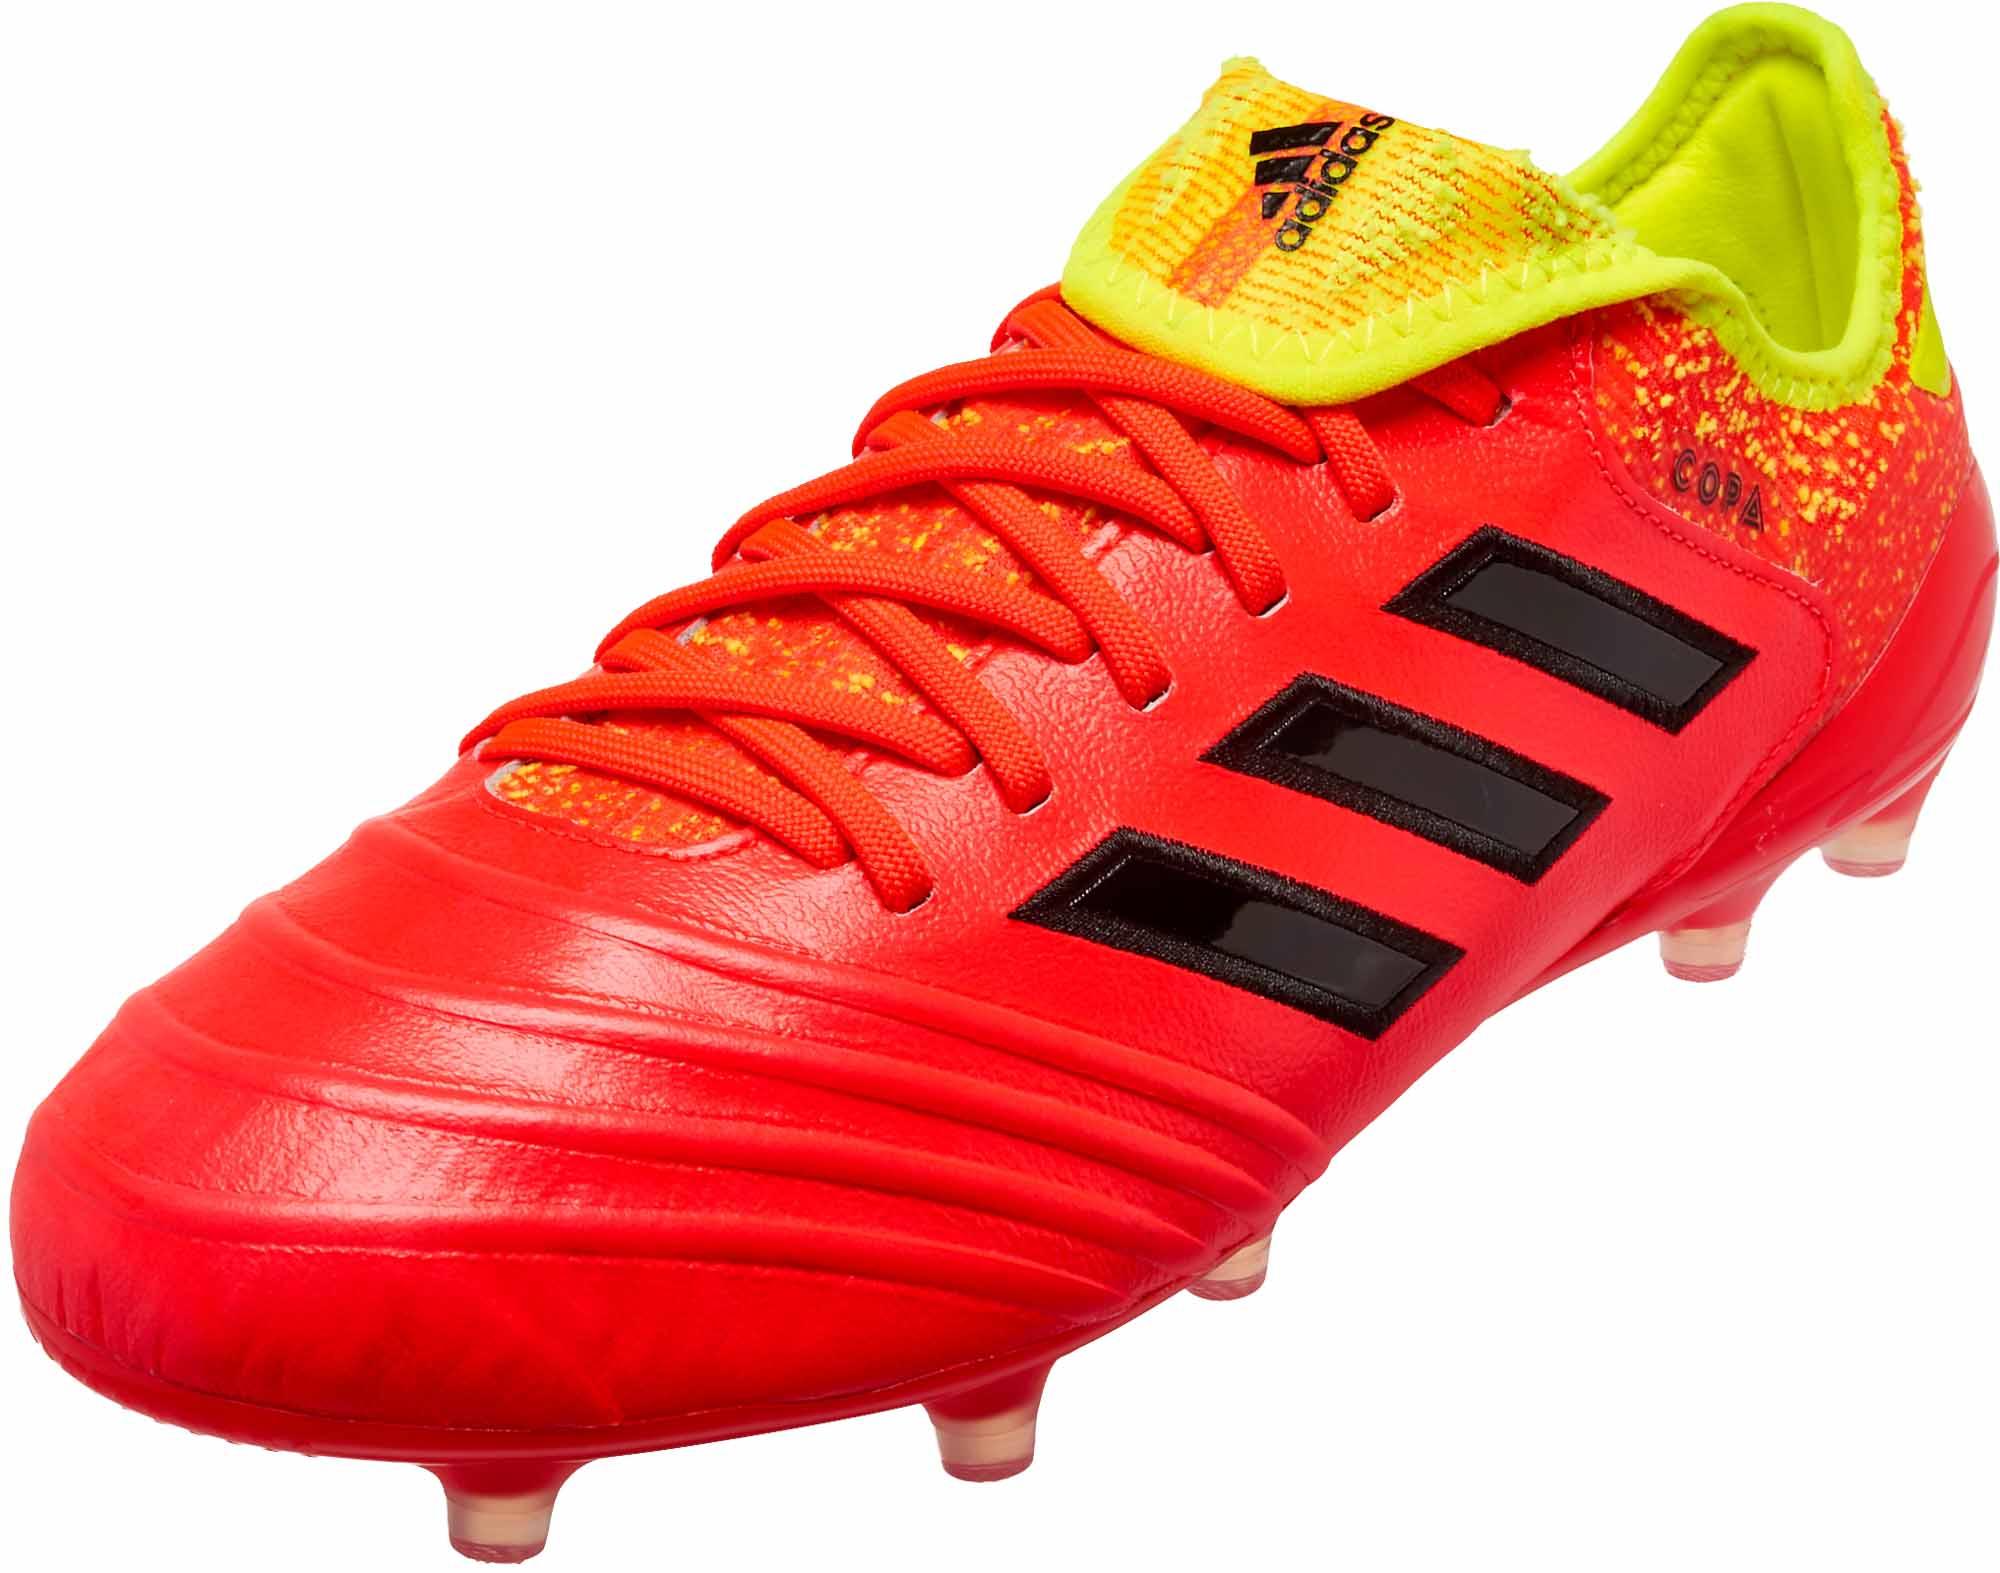 adidas Copa 18.1 FG RedBlack Energy Mode